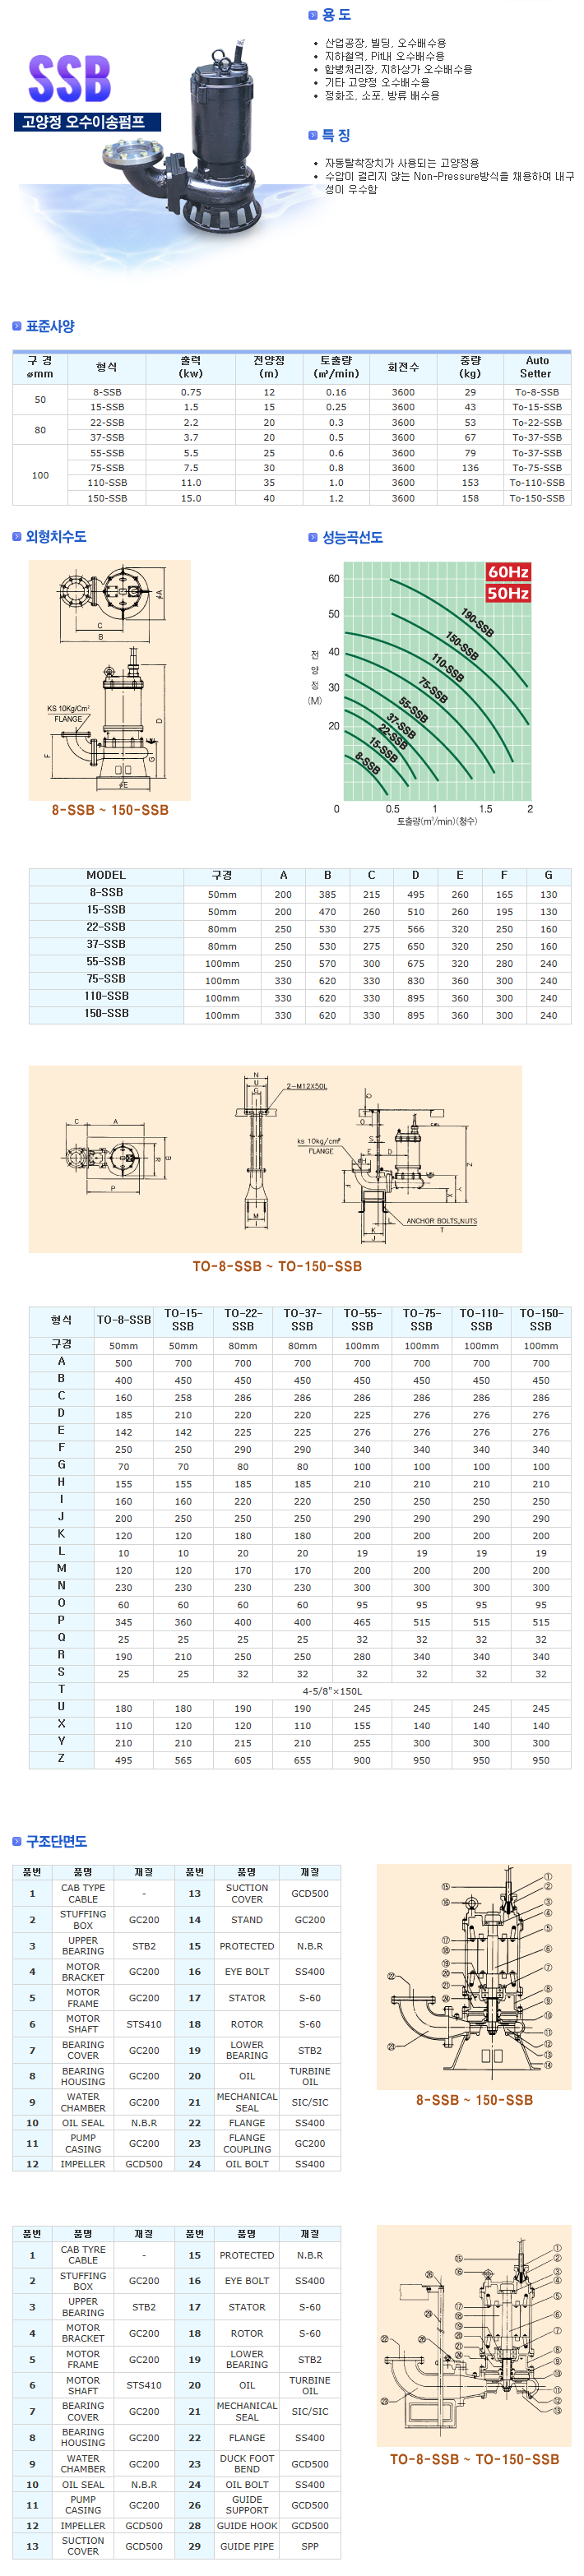 신신펌프제작소 고양정 오수이송펌프 SSB 1